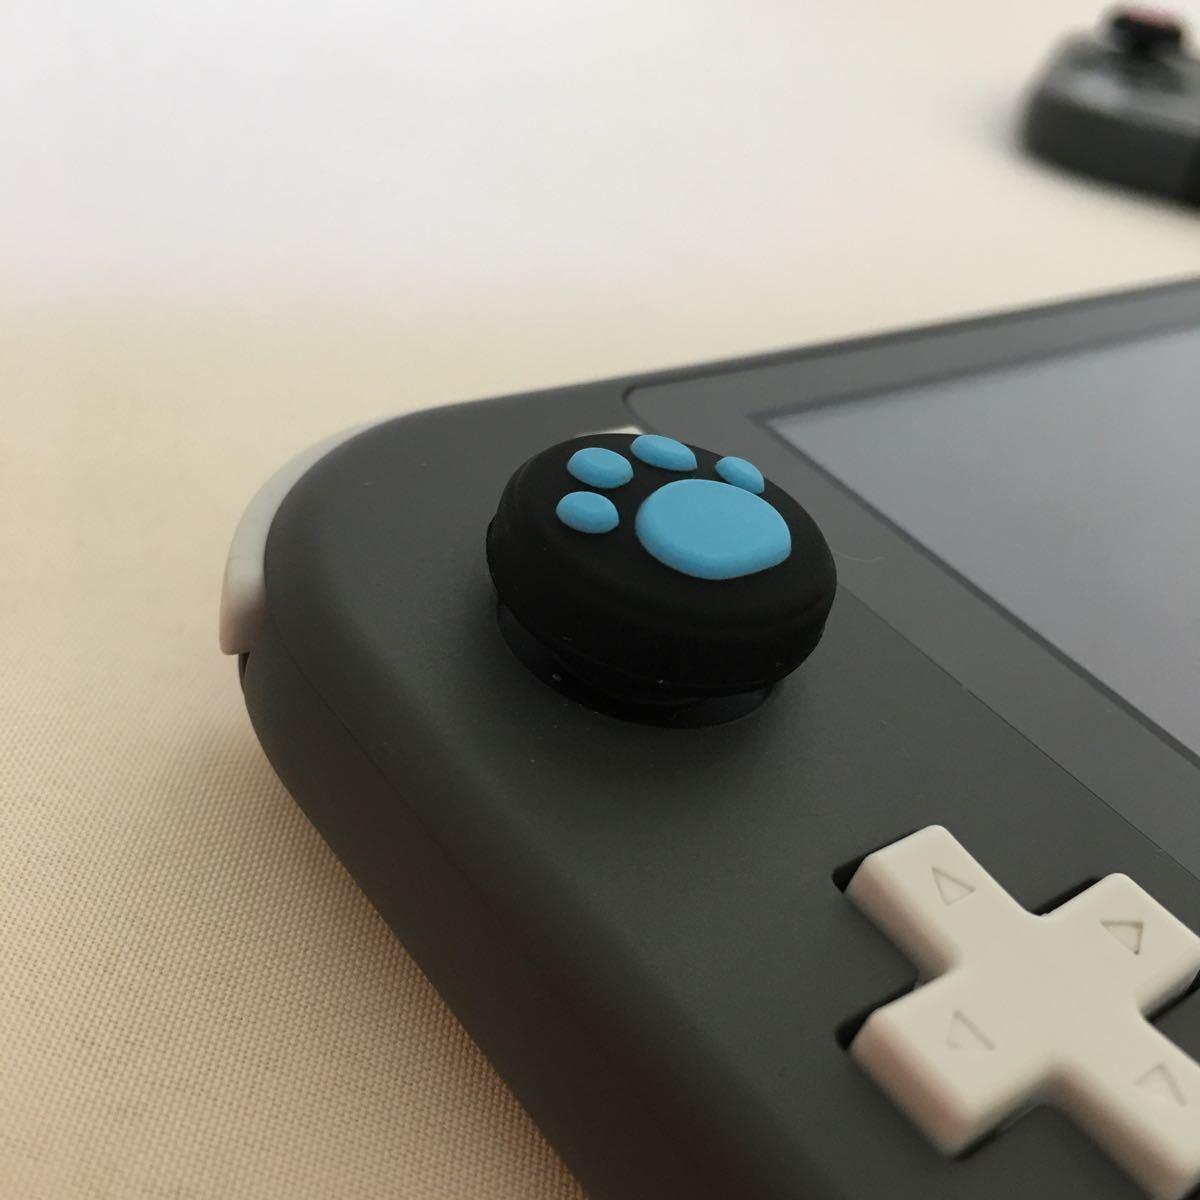 Nintendo Switch ニンテンドー スイッチ ジョイコン スティックカバー 肉球 2個セット